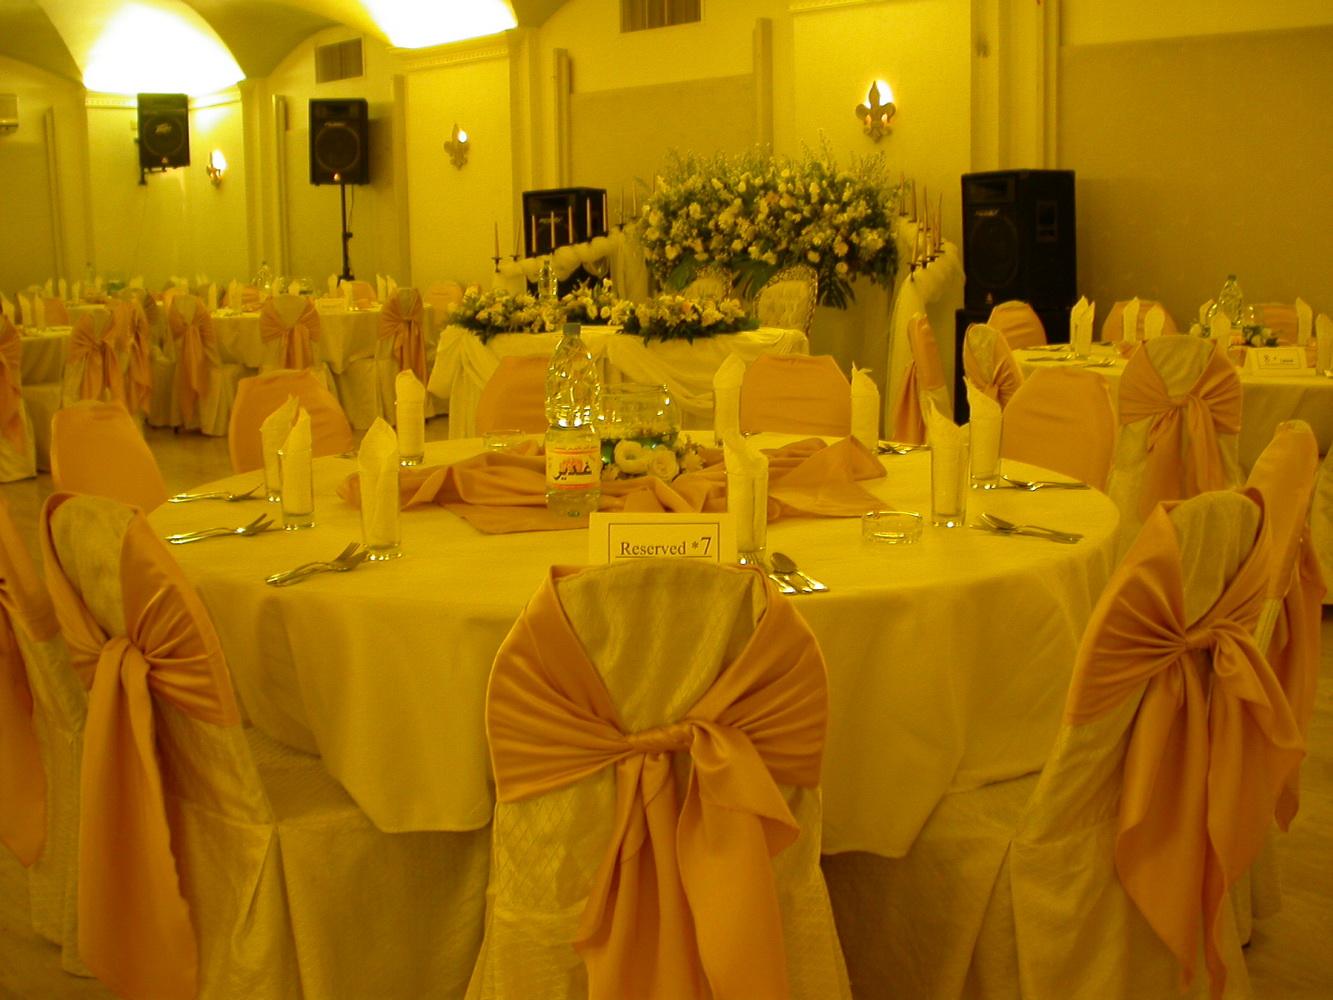 photos_Banqueting_02